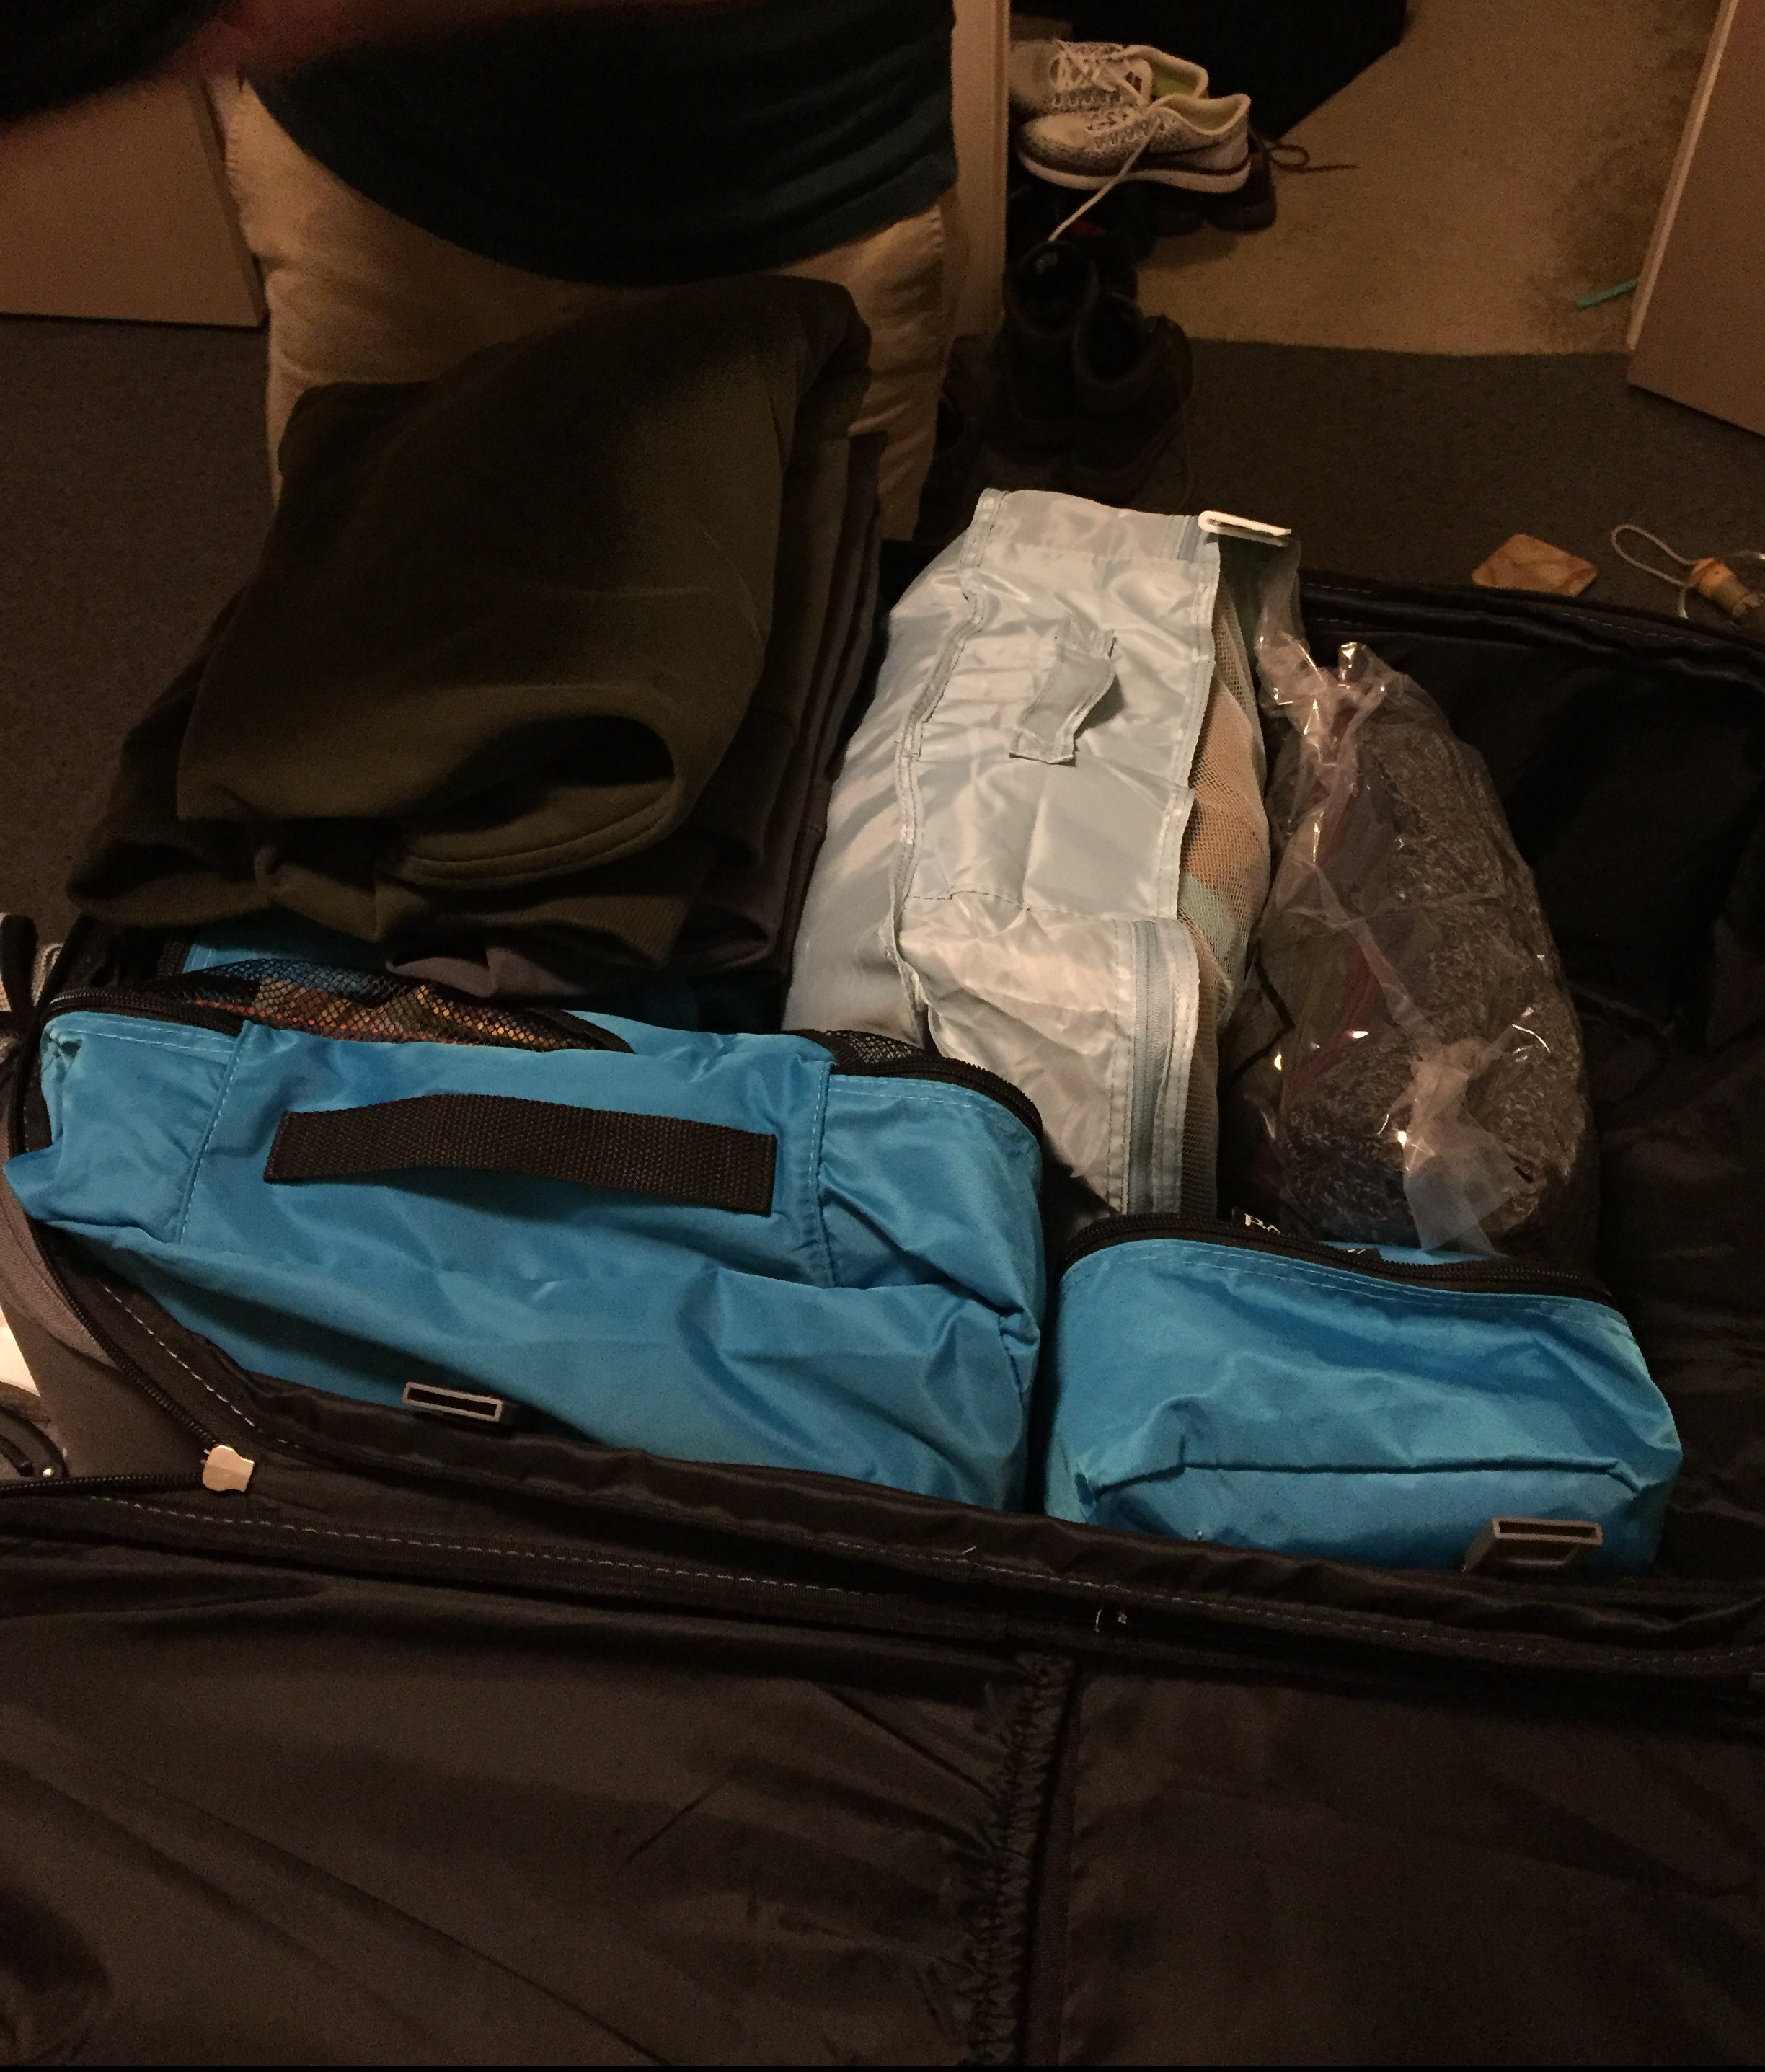 Packing for Ukraine